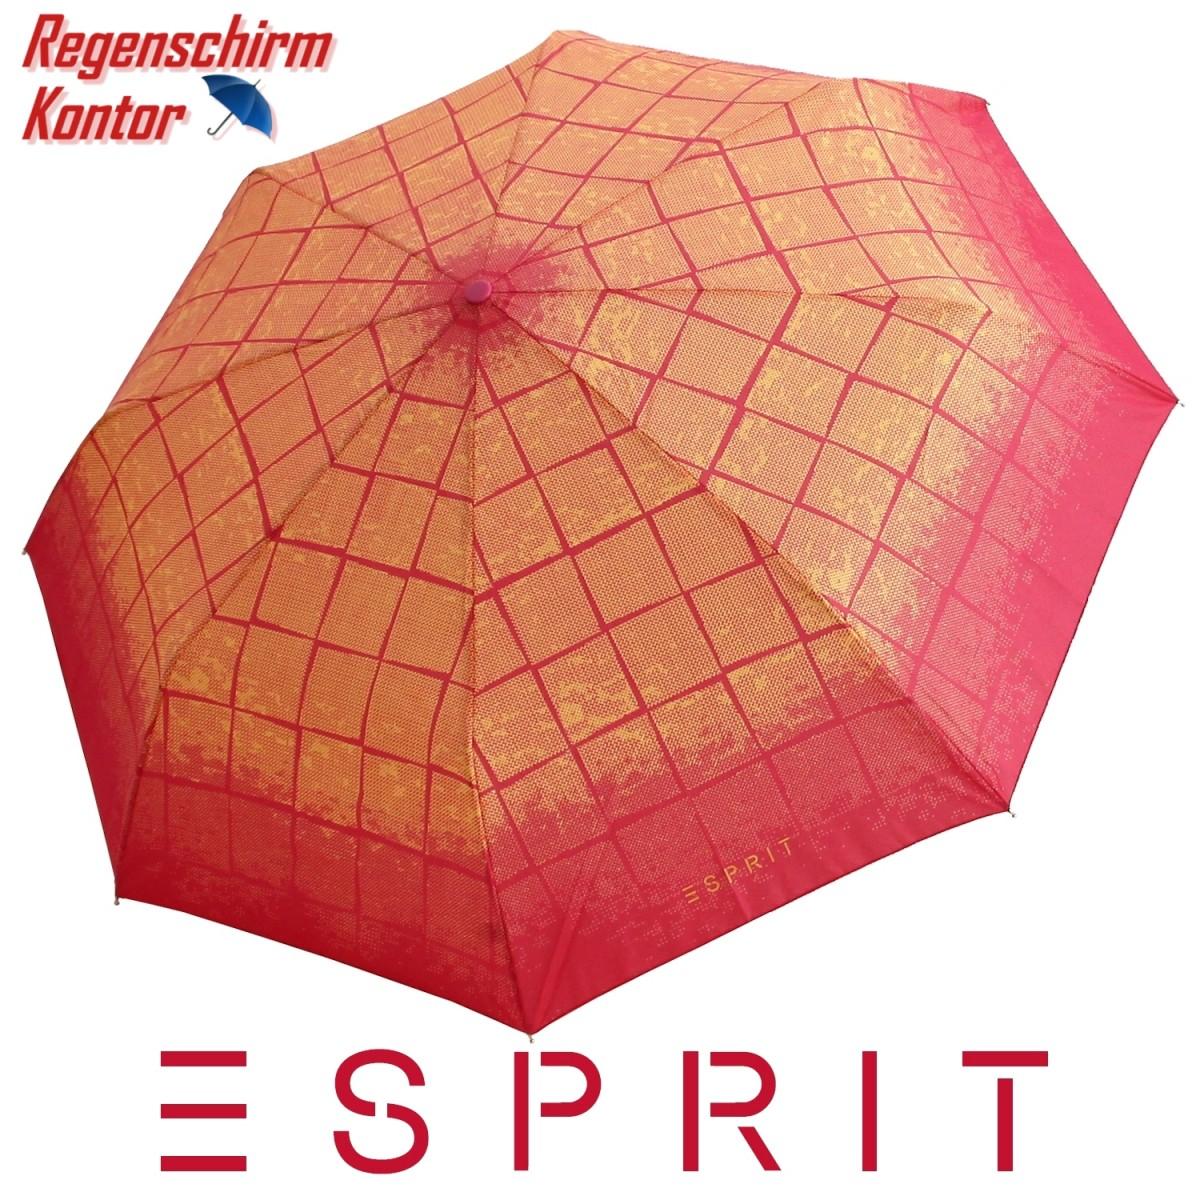 ESPRIT Regenschirm Minischirm Damen Karo